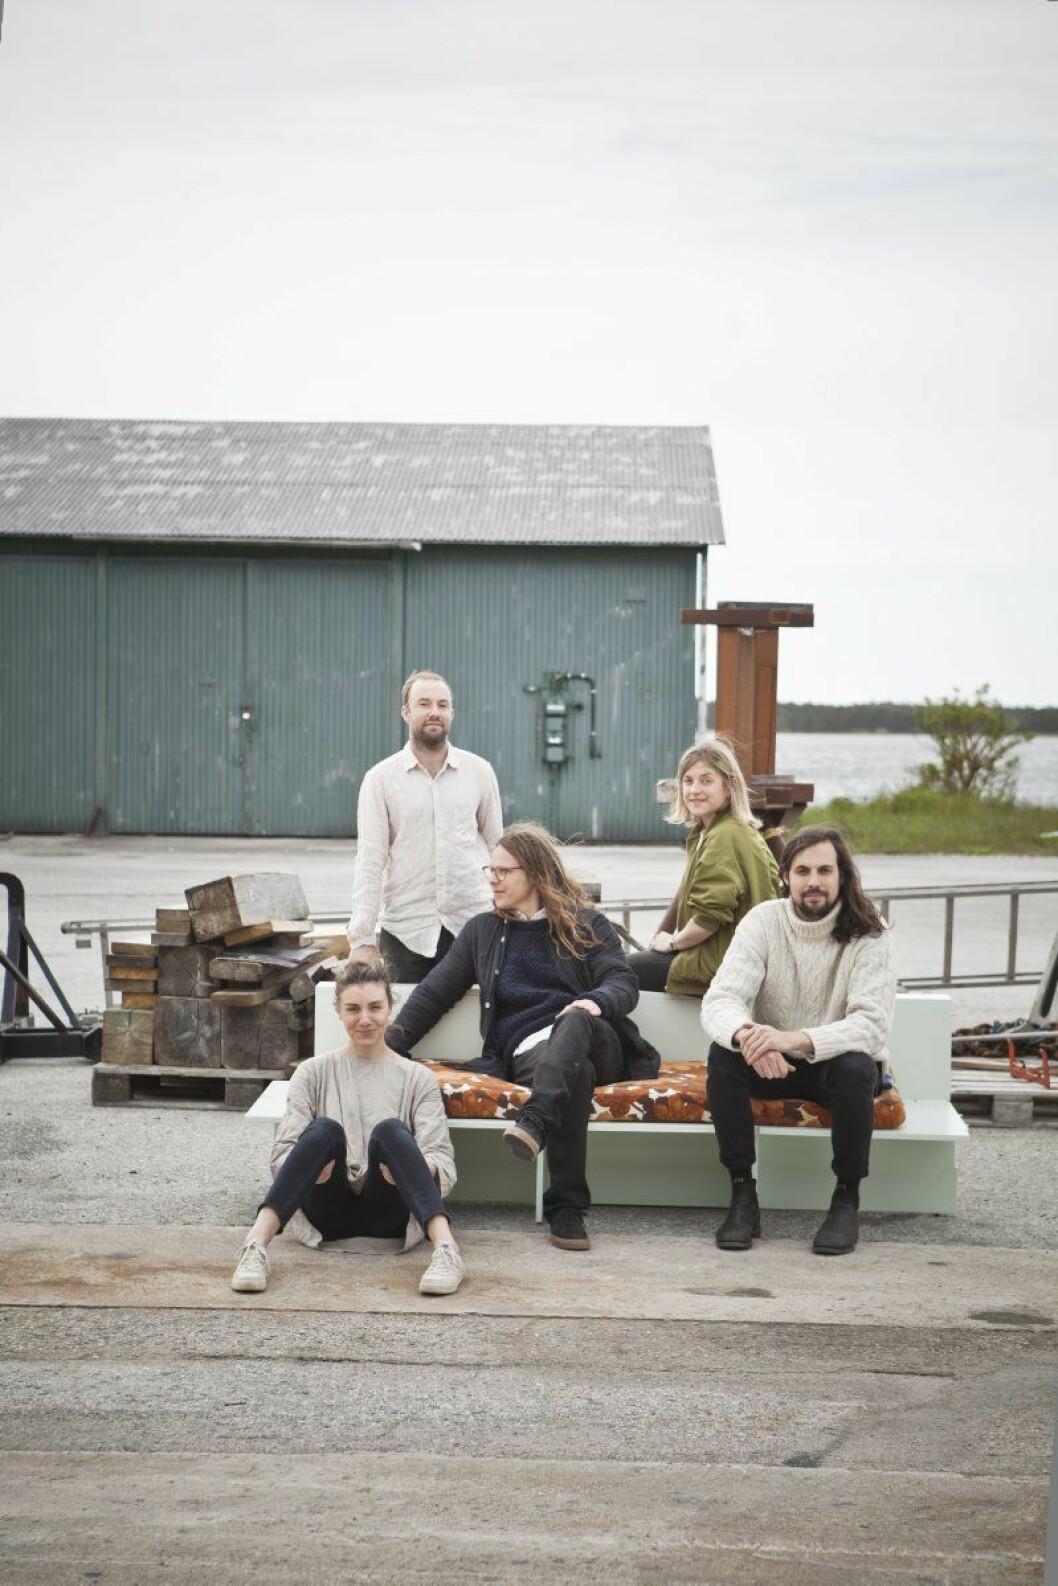 """Skälsö-gänget trivs utomhus. Från vänster: Sofia Nyman, Erik Gardell, Joel Phersson, Lisa Ekström och Mats Håkansson utanför sitt kontor. Industrilokalen hade stått orörd sedan 70-talet. """"När vi kom hit hängde det kvar kläder, namnskyltar och tidningar. Som i en tidkapsel."""""""